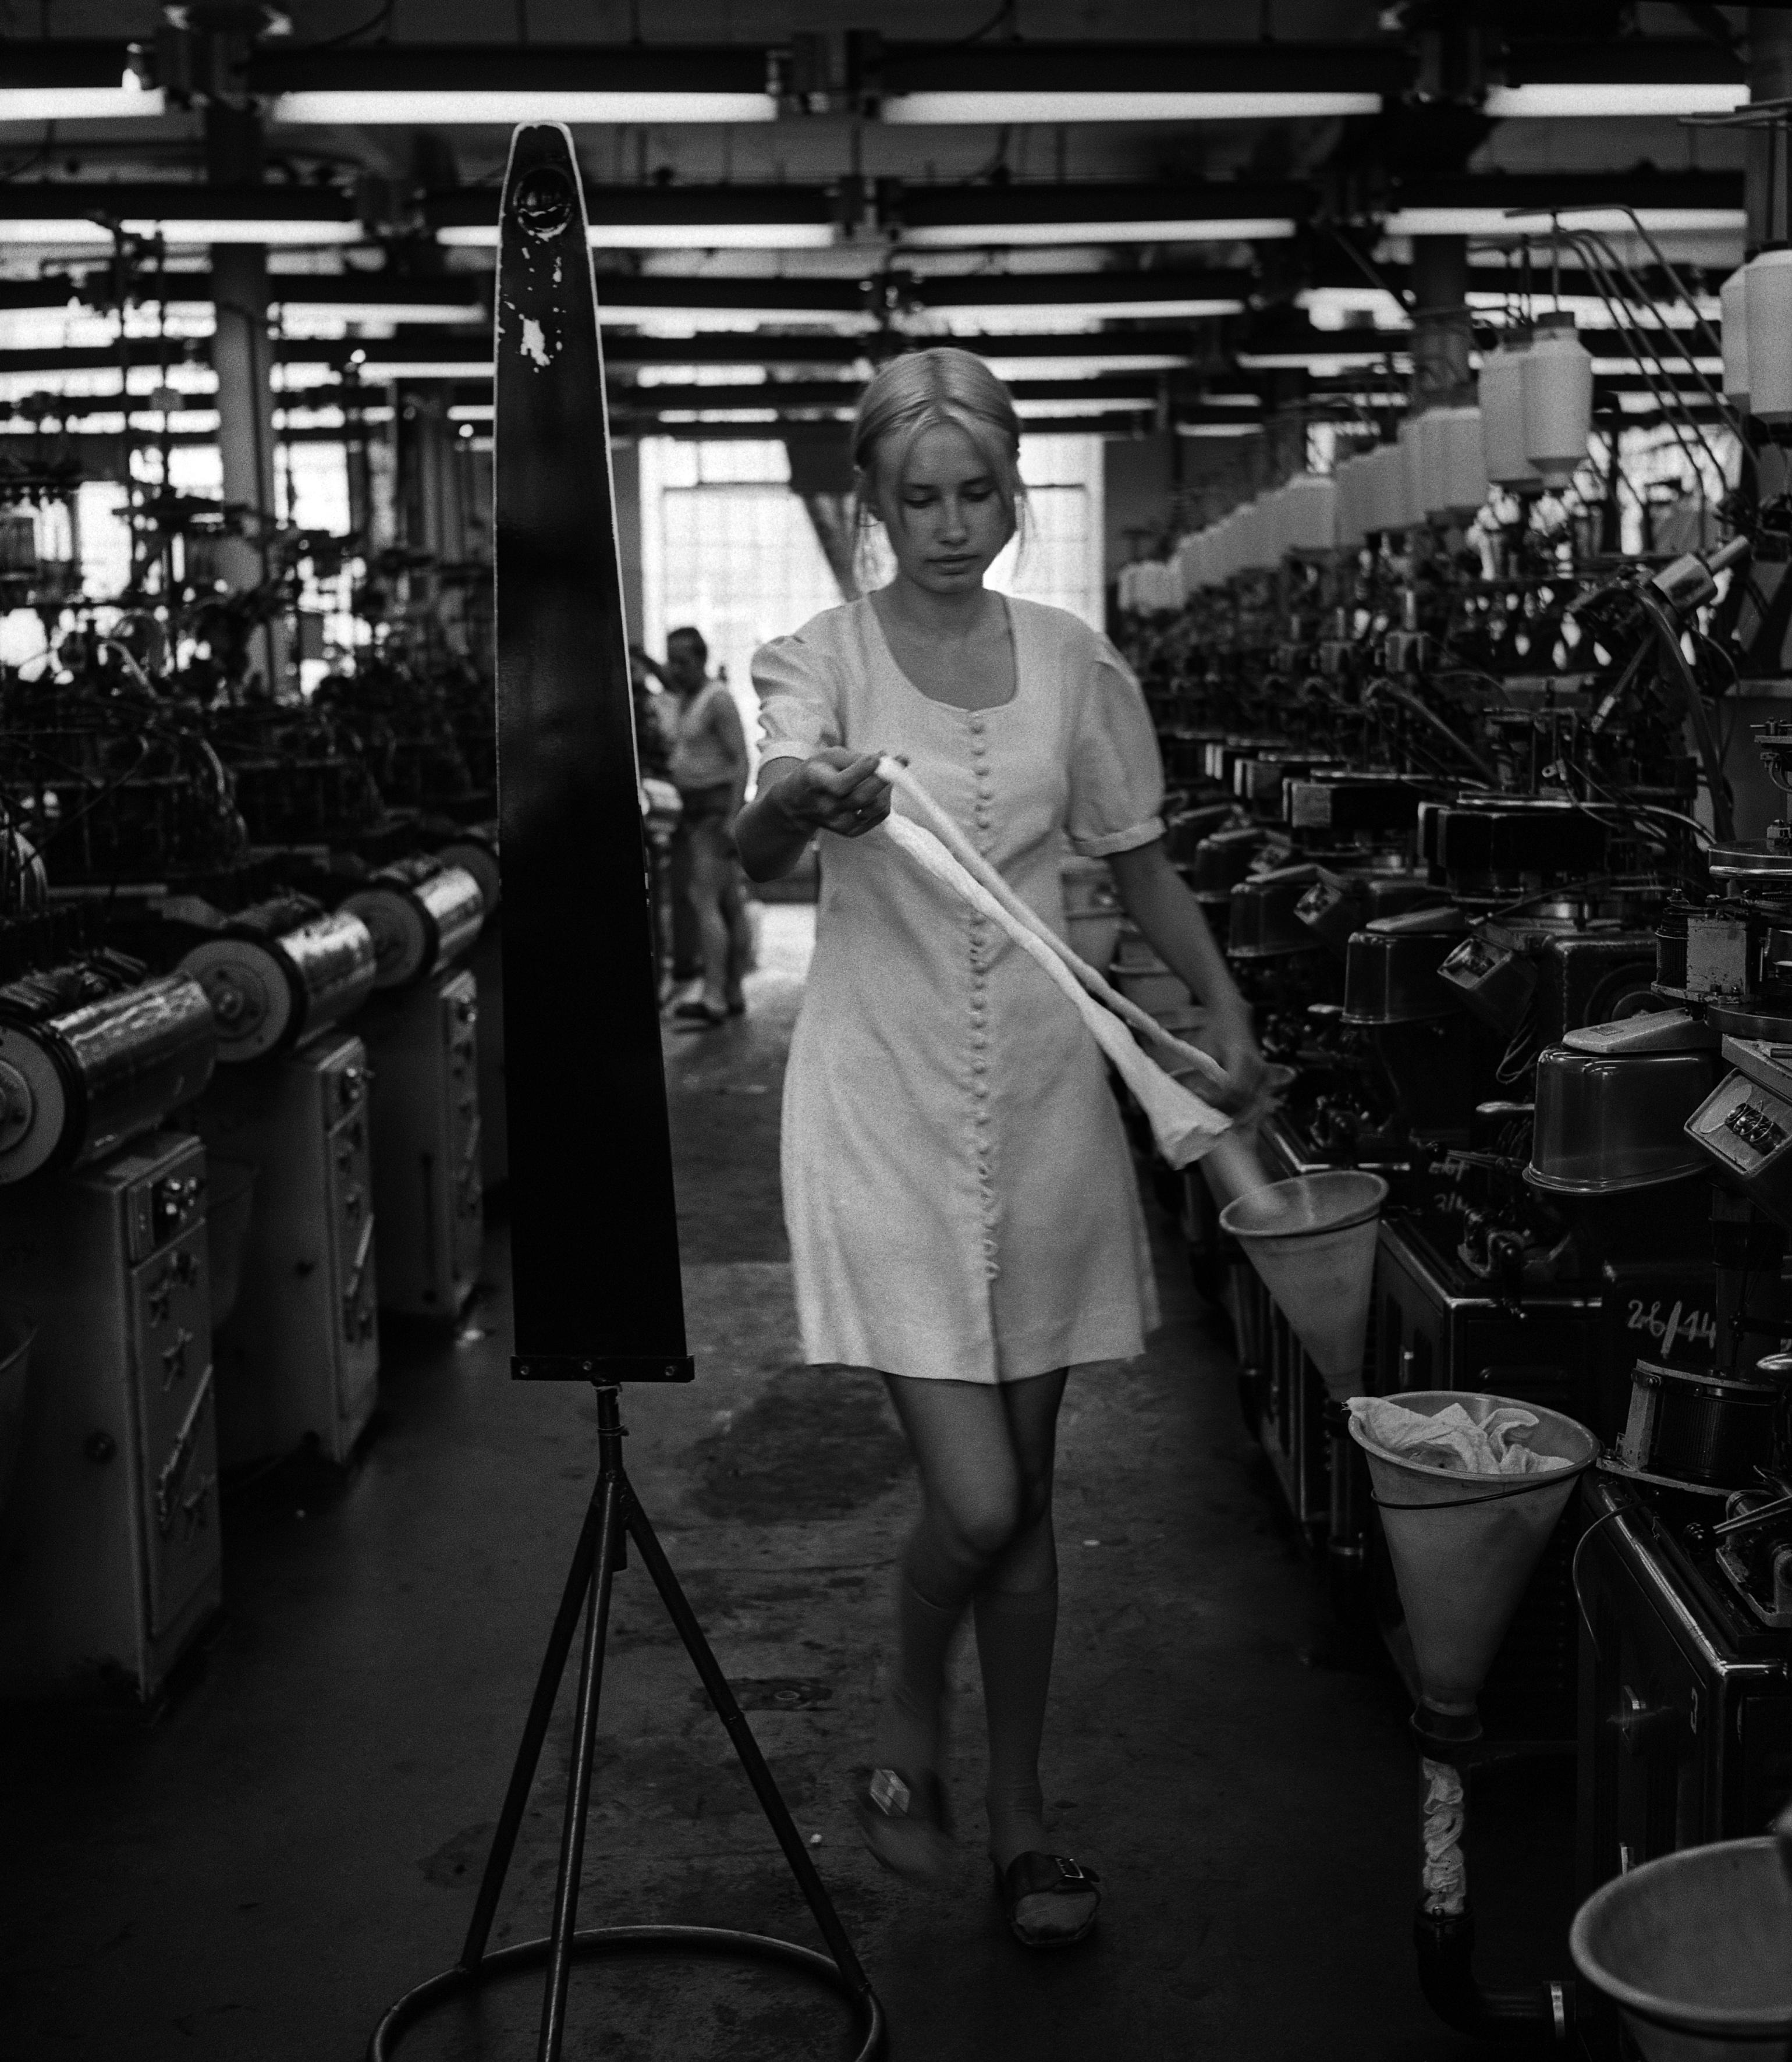 Łódź, 08.1974. Zakłady Przemysłu Pończoszniczego Feniks. Fot. Aleksander Jałosiński/FORUM